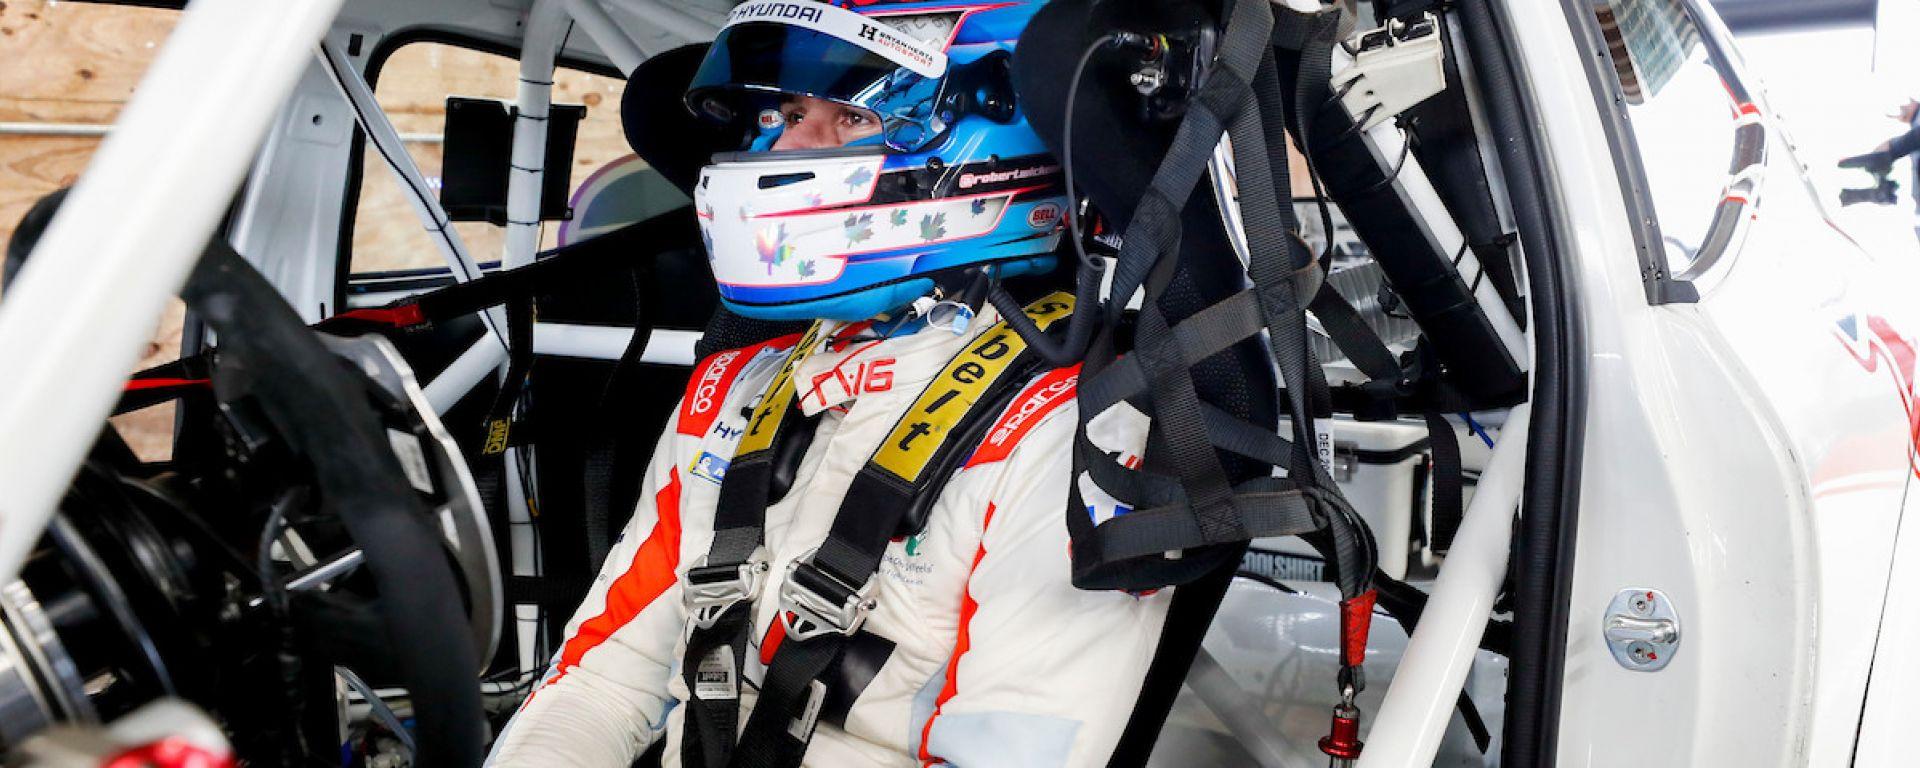 Prima volta in pista per Robert Wickens dopo le lesioni al midollo spinale - VIDEO